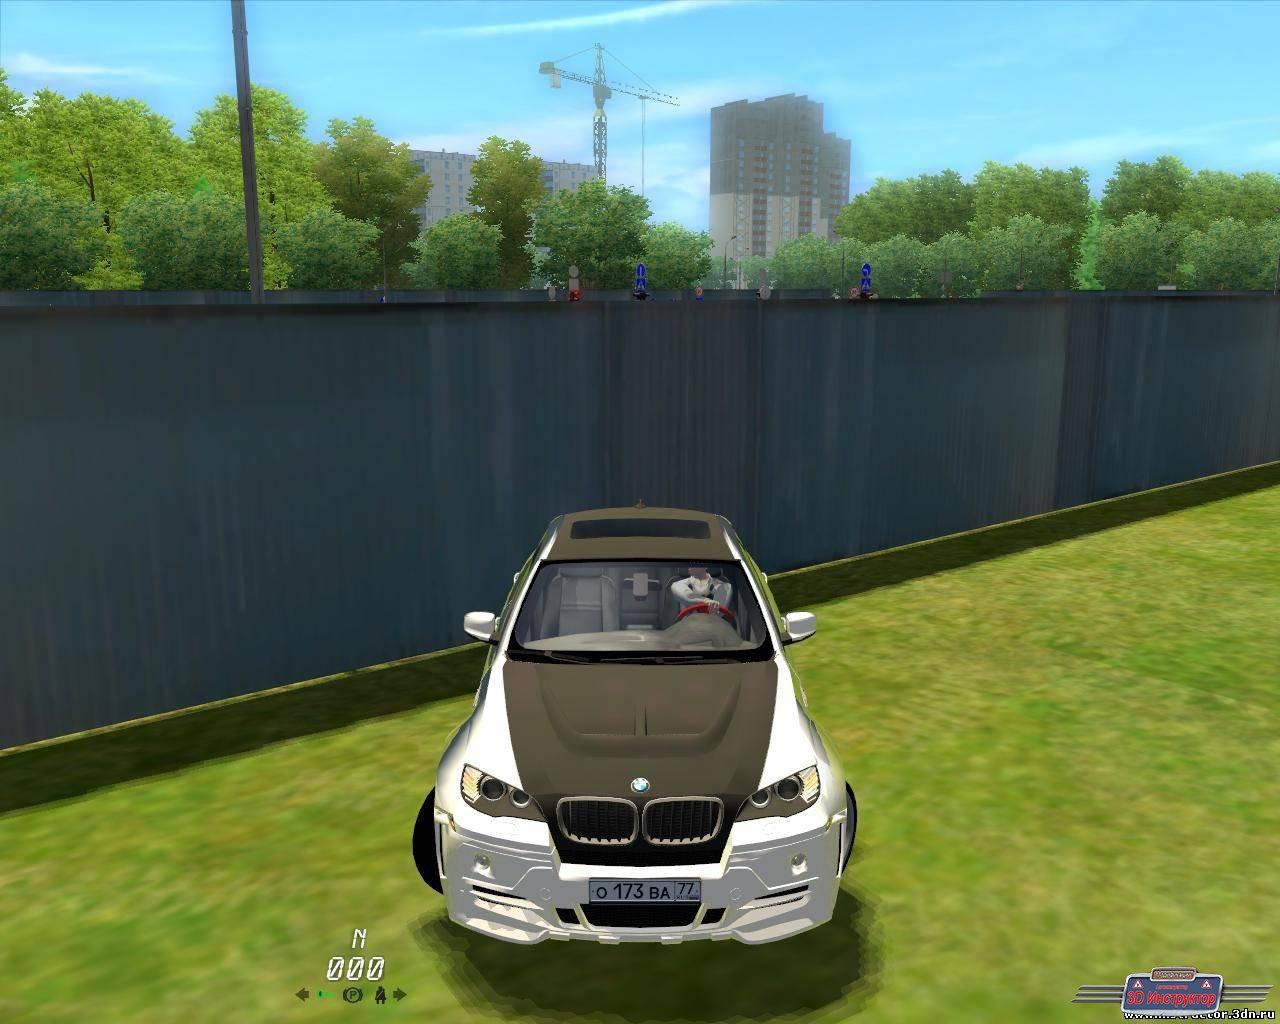 BMW X6 M Tuning для 3D Инструктор [2.2.7]